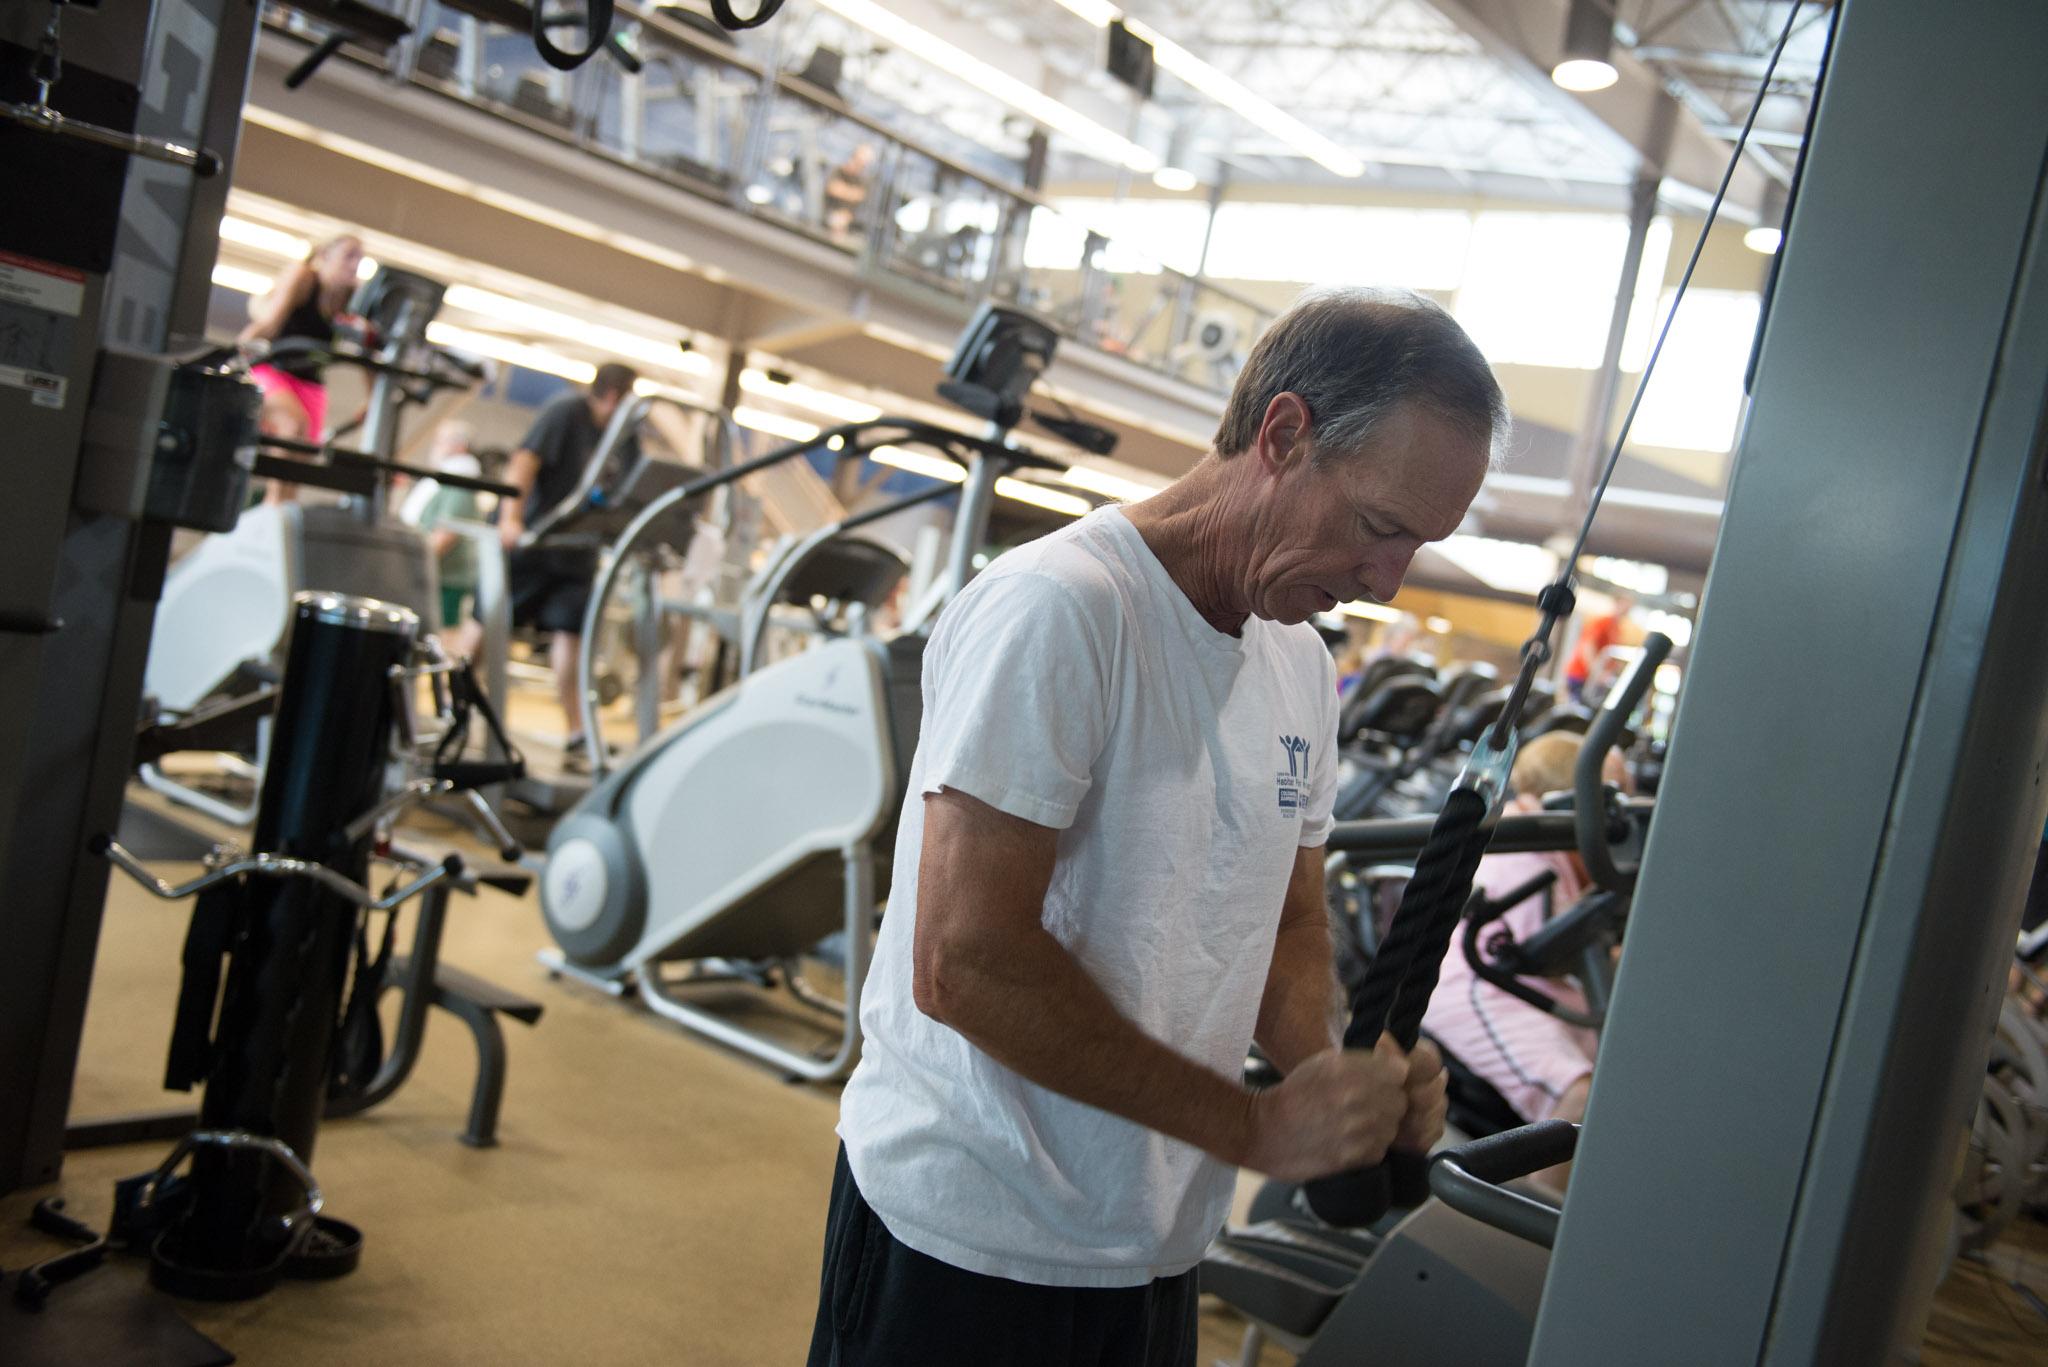 Wellness Center Stock Photos-1388.jpg